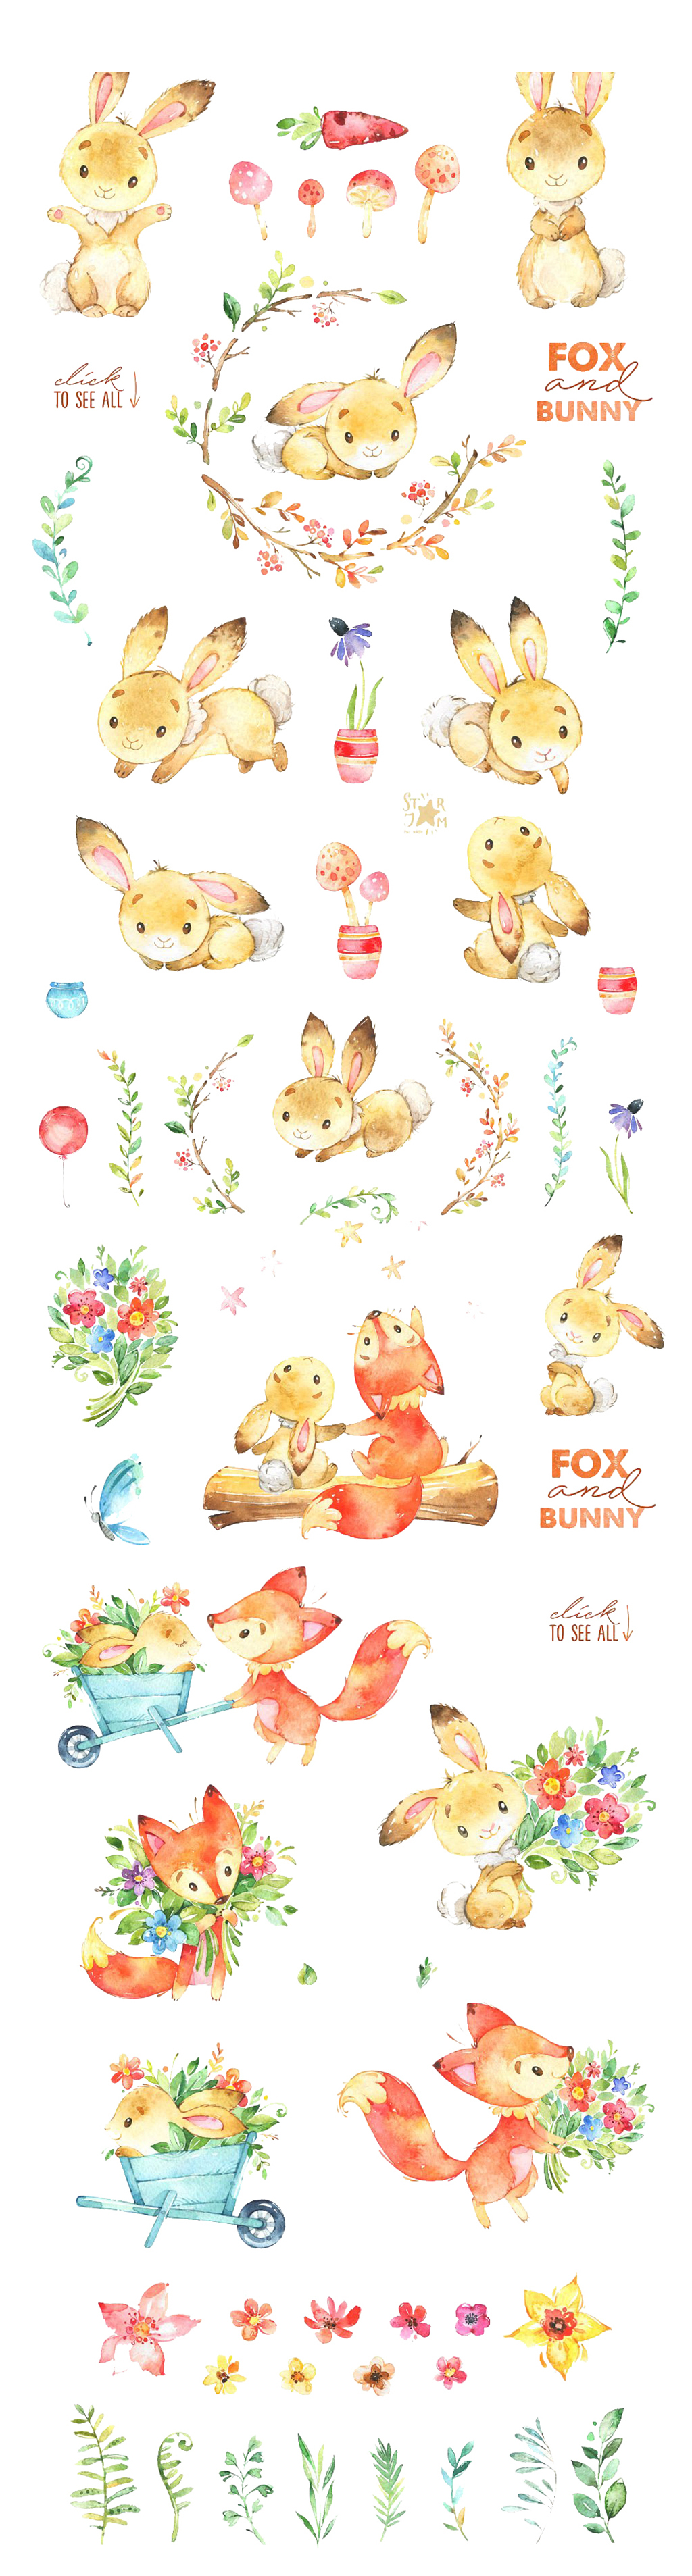 唯美风格手绘卡通小动物海报背景兔子狐狸图片设计_(2